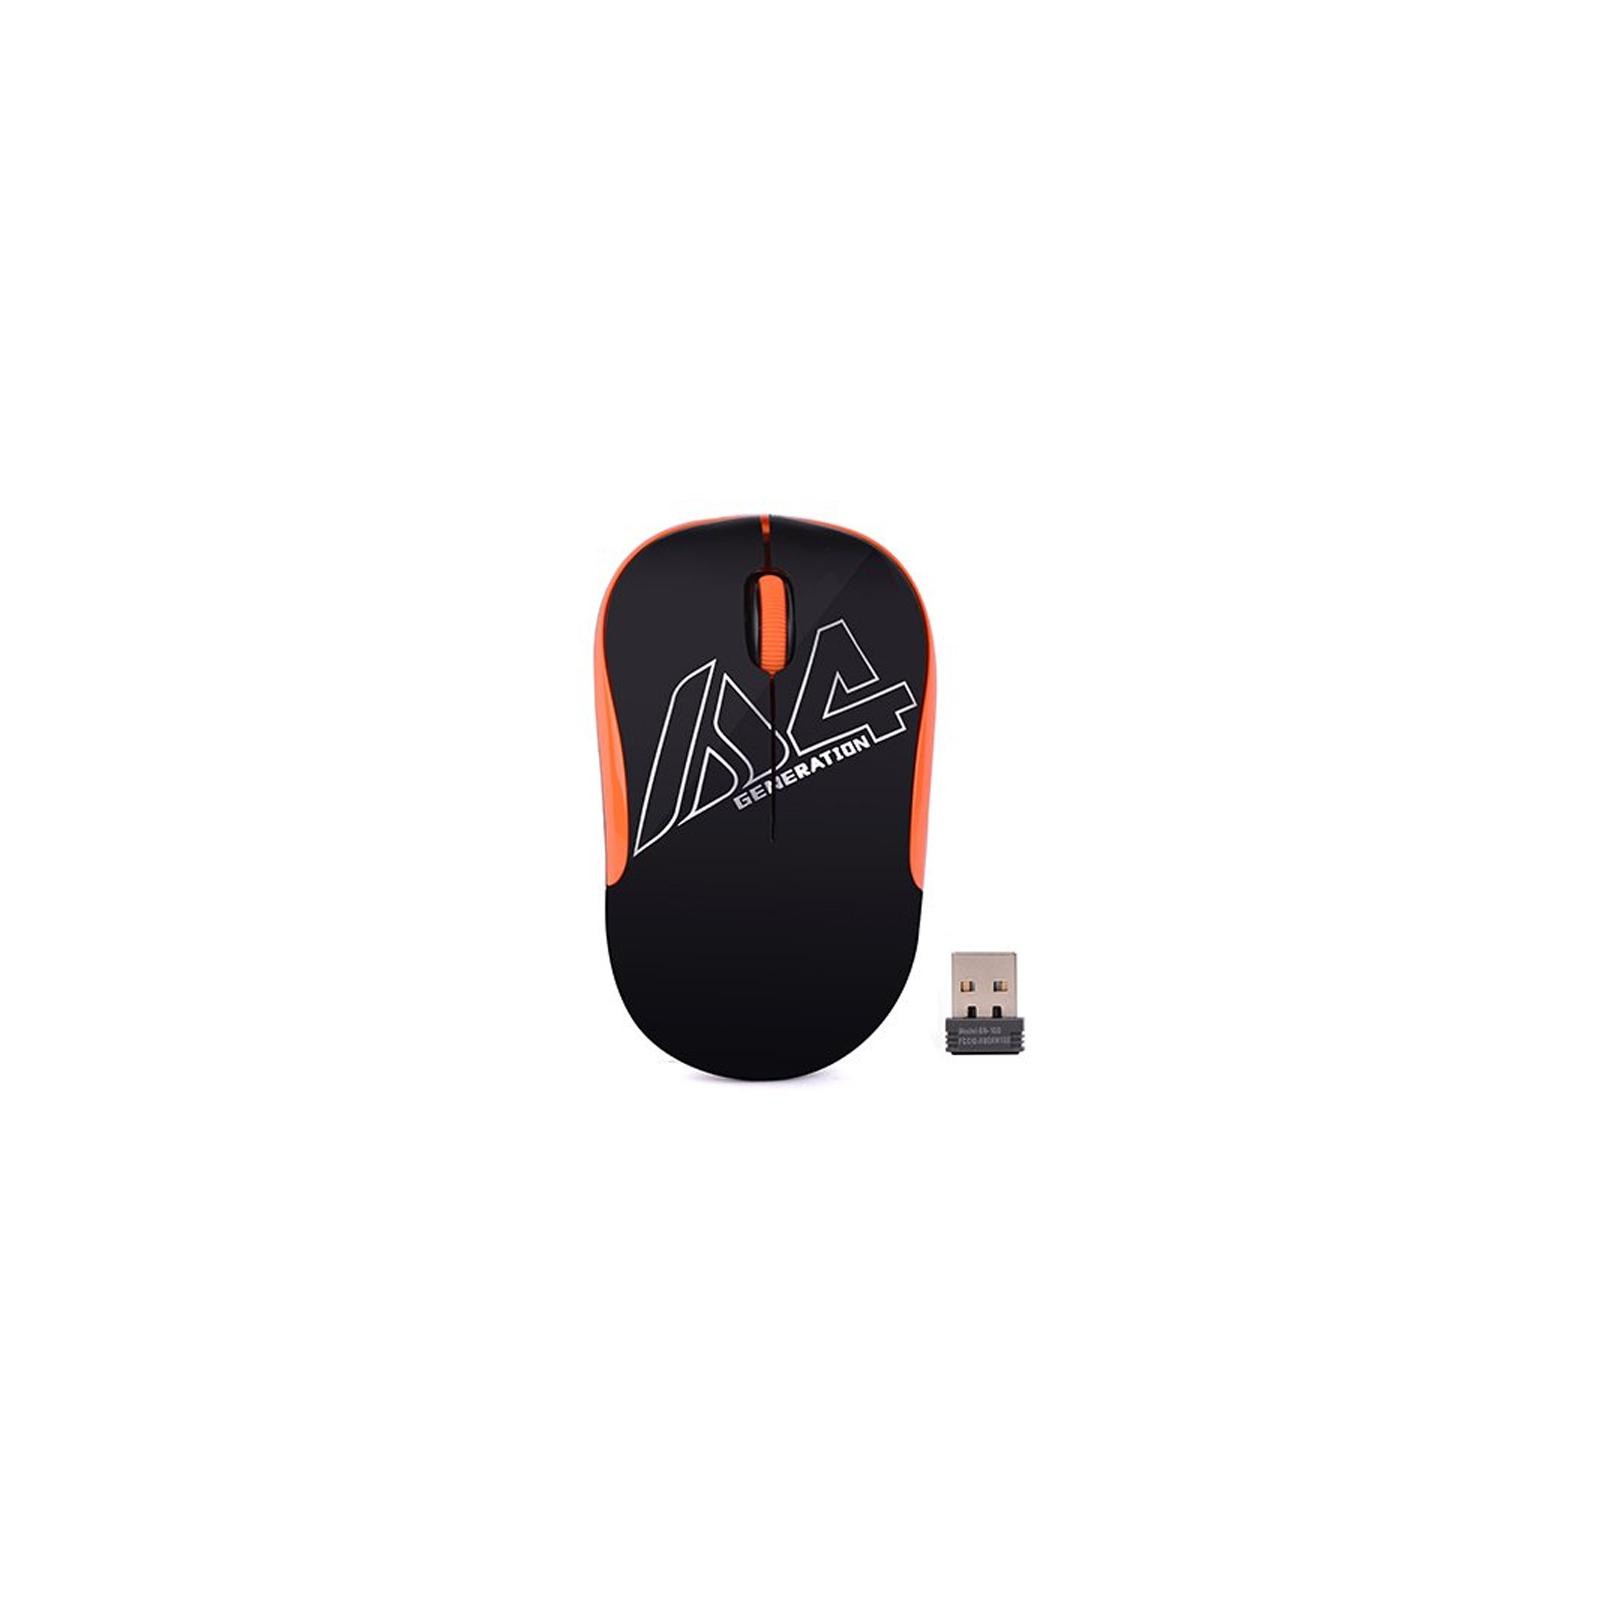 Мышка A4Tech G3-300N Black+Orange изображение 2